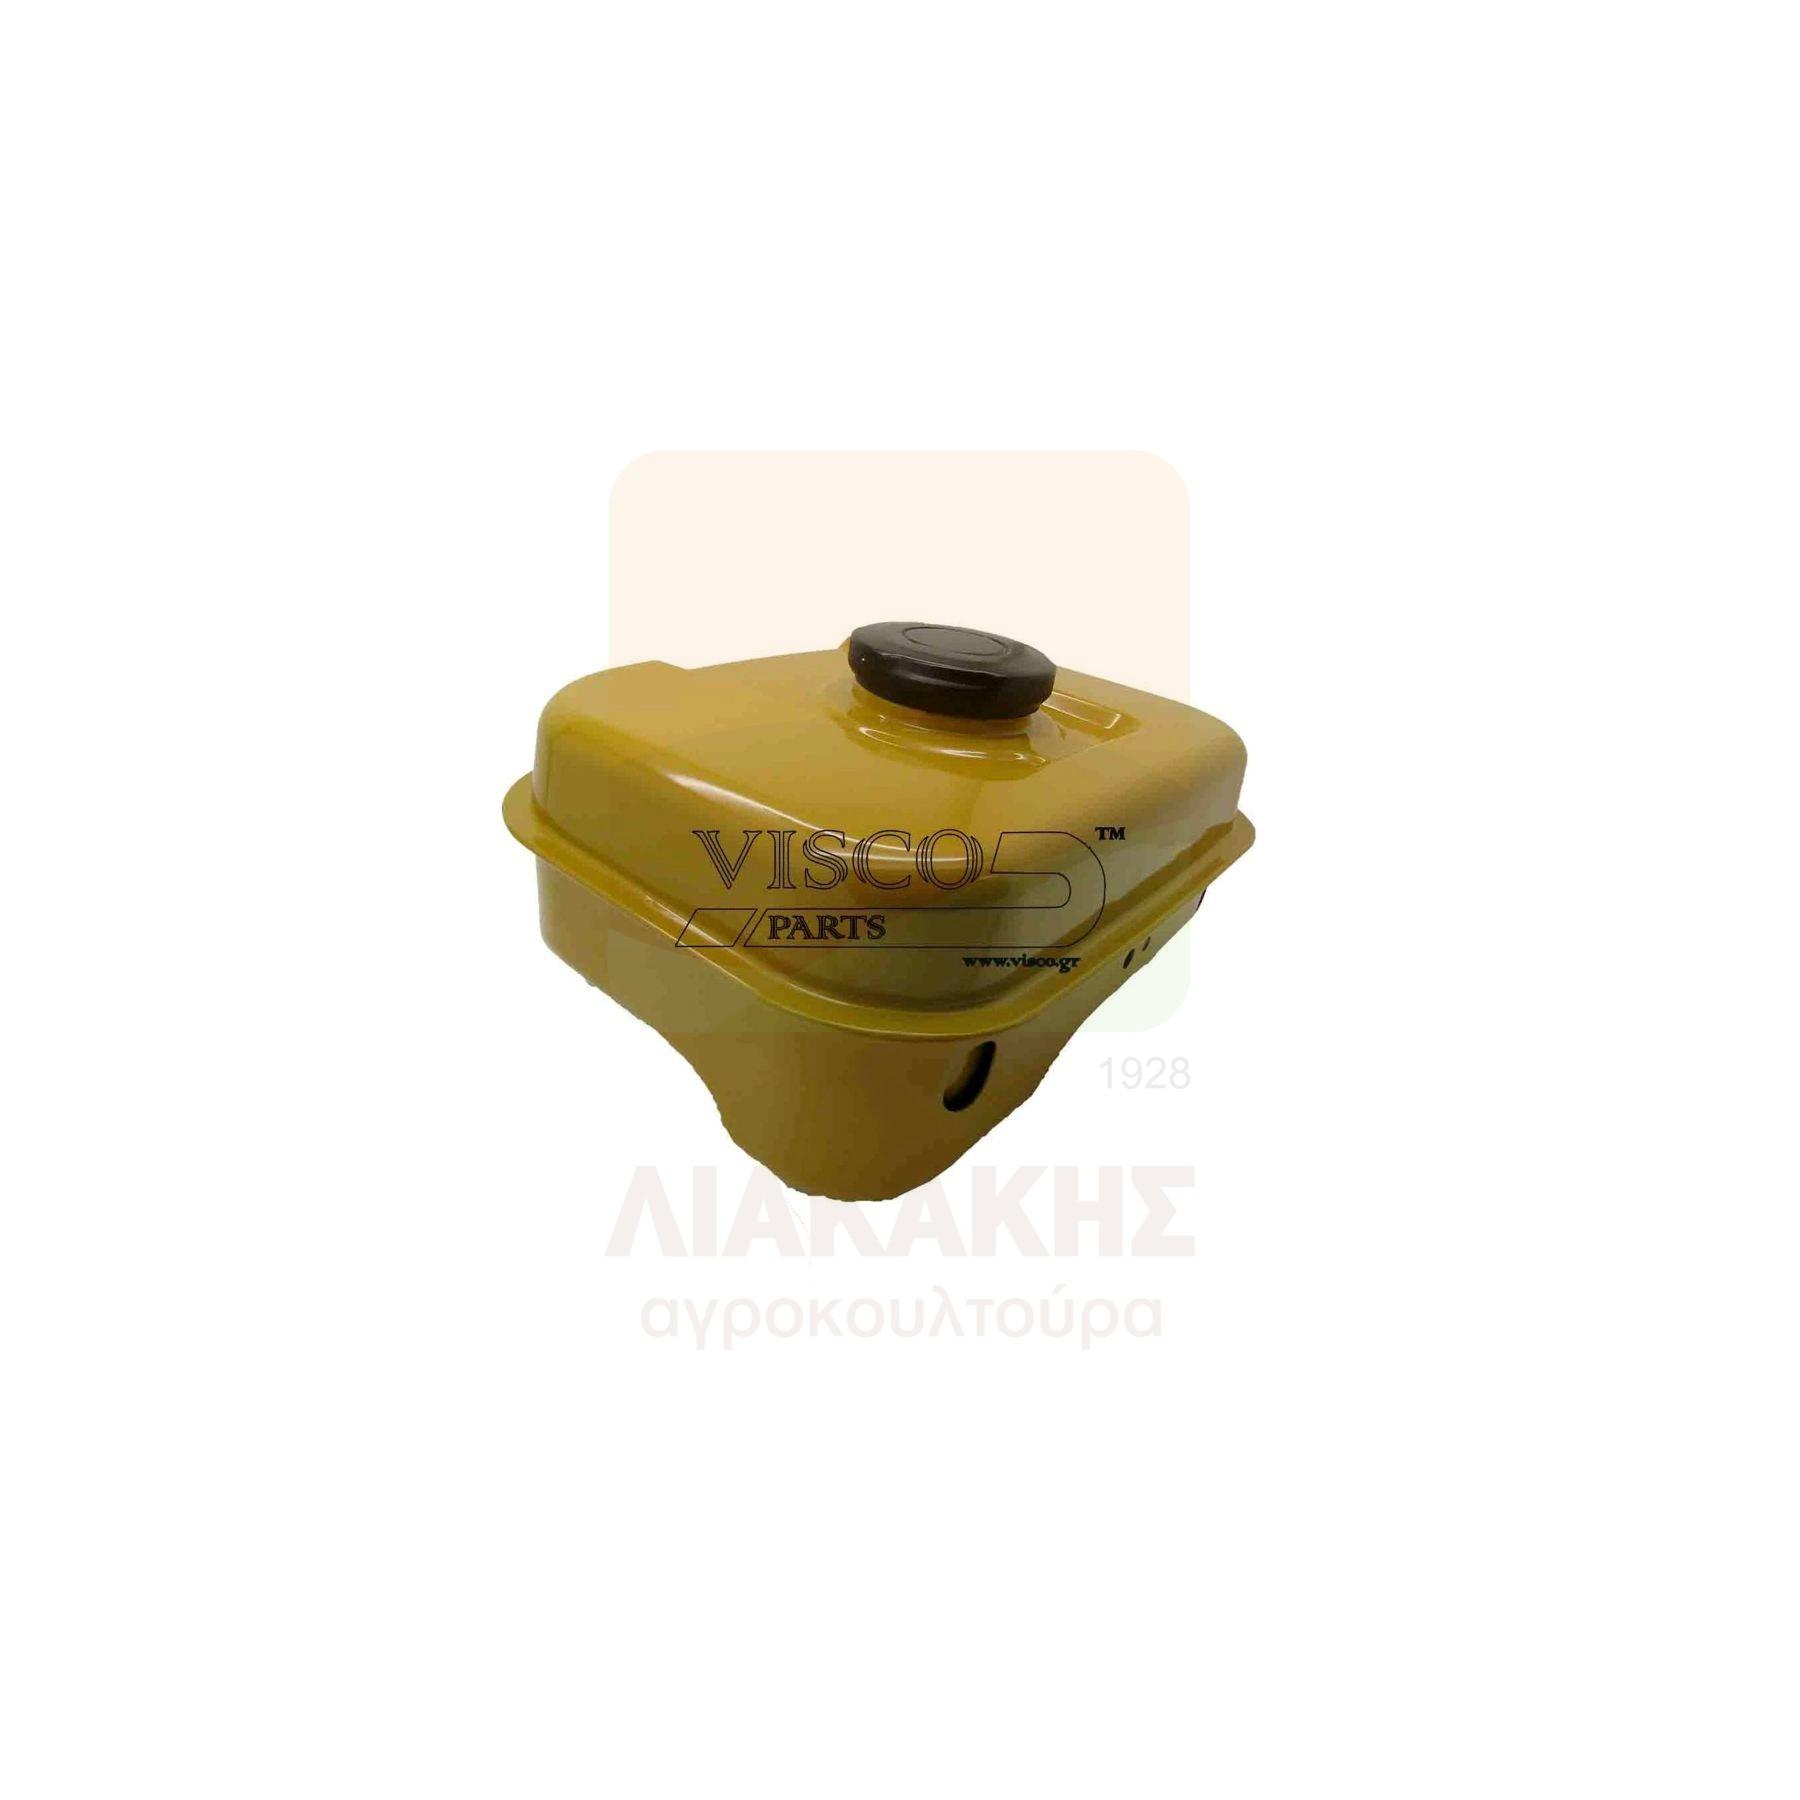 ΔΚΘ-026 Δοχείο Καυσίμου Κινητήρων ROBIN ΕX 13 4.5 HP